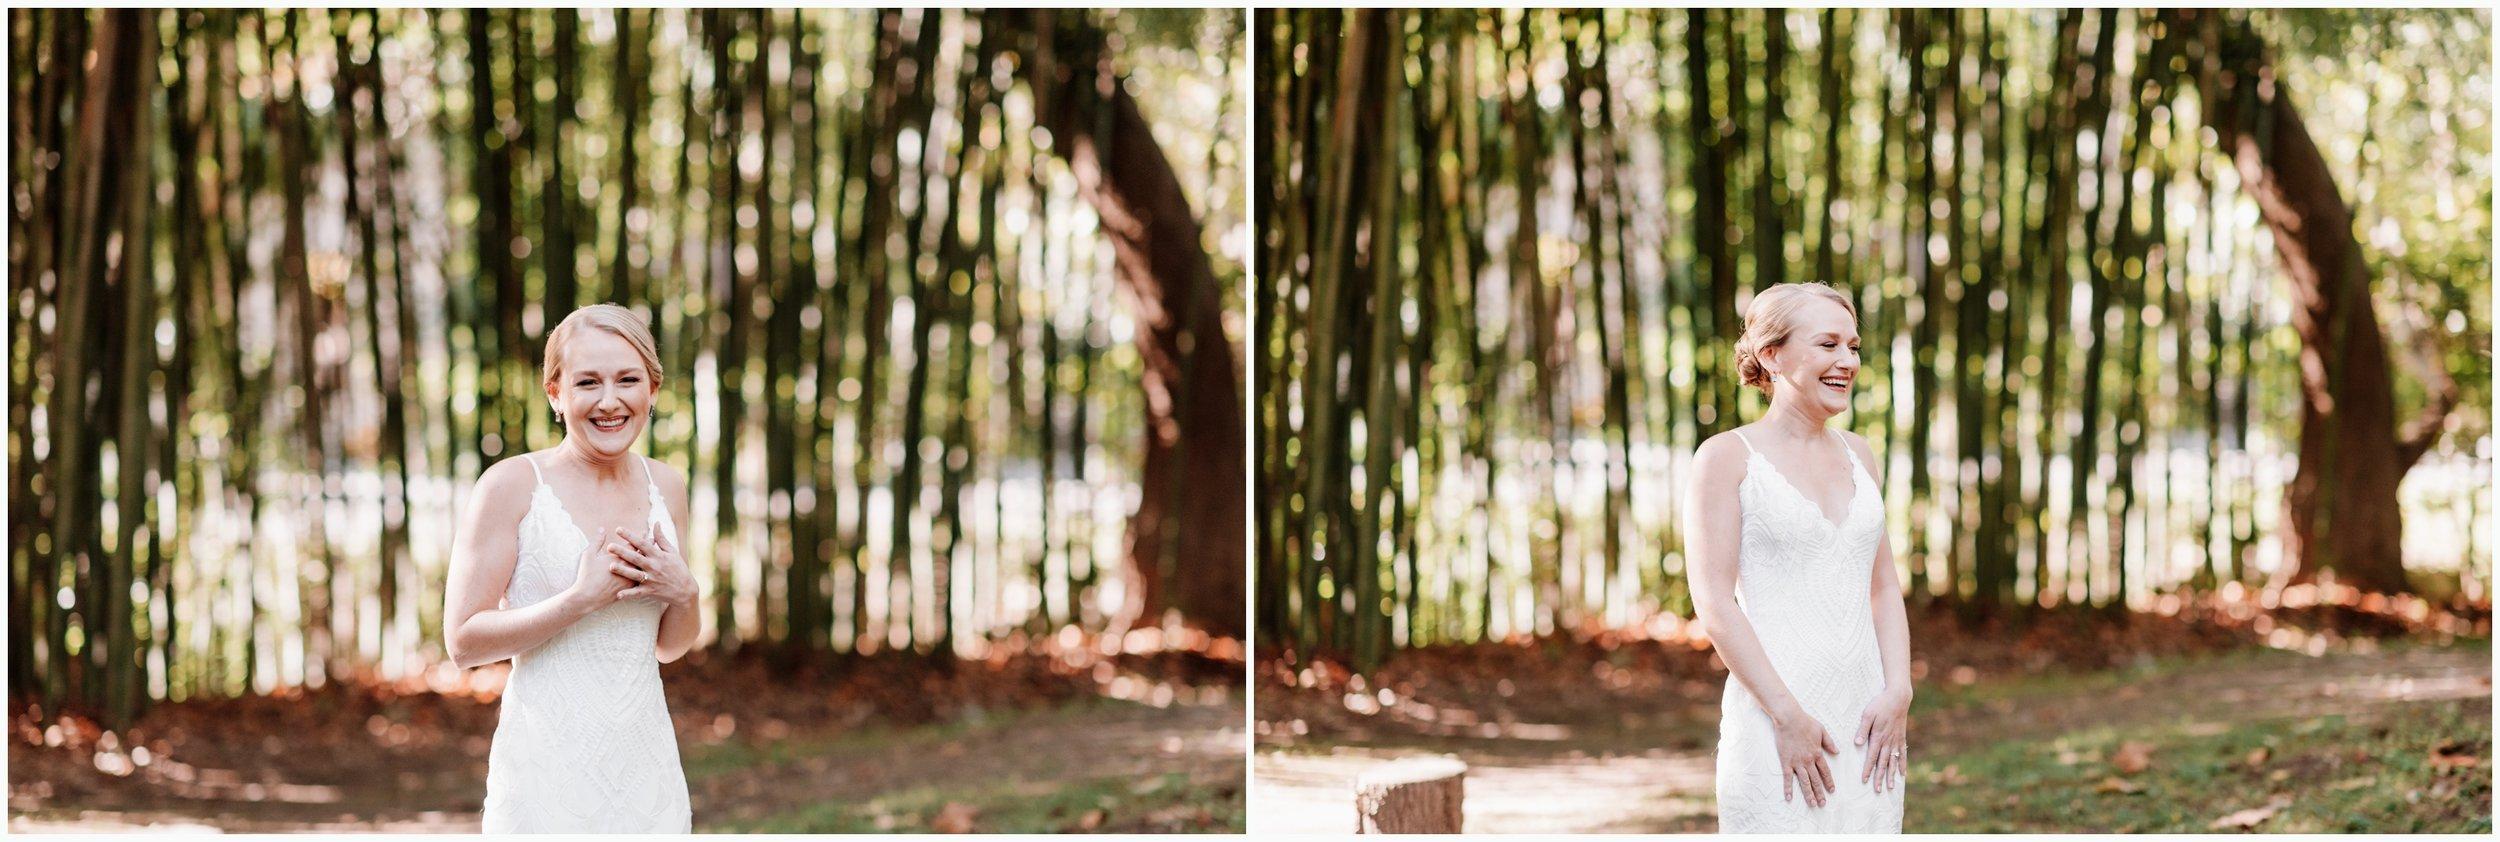 AshleyZachTheOldMillSharynFrenkelPhotography025.jpg